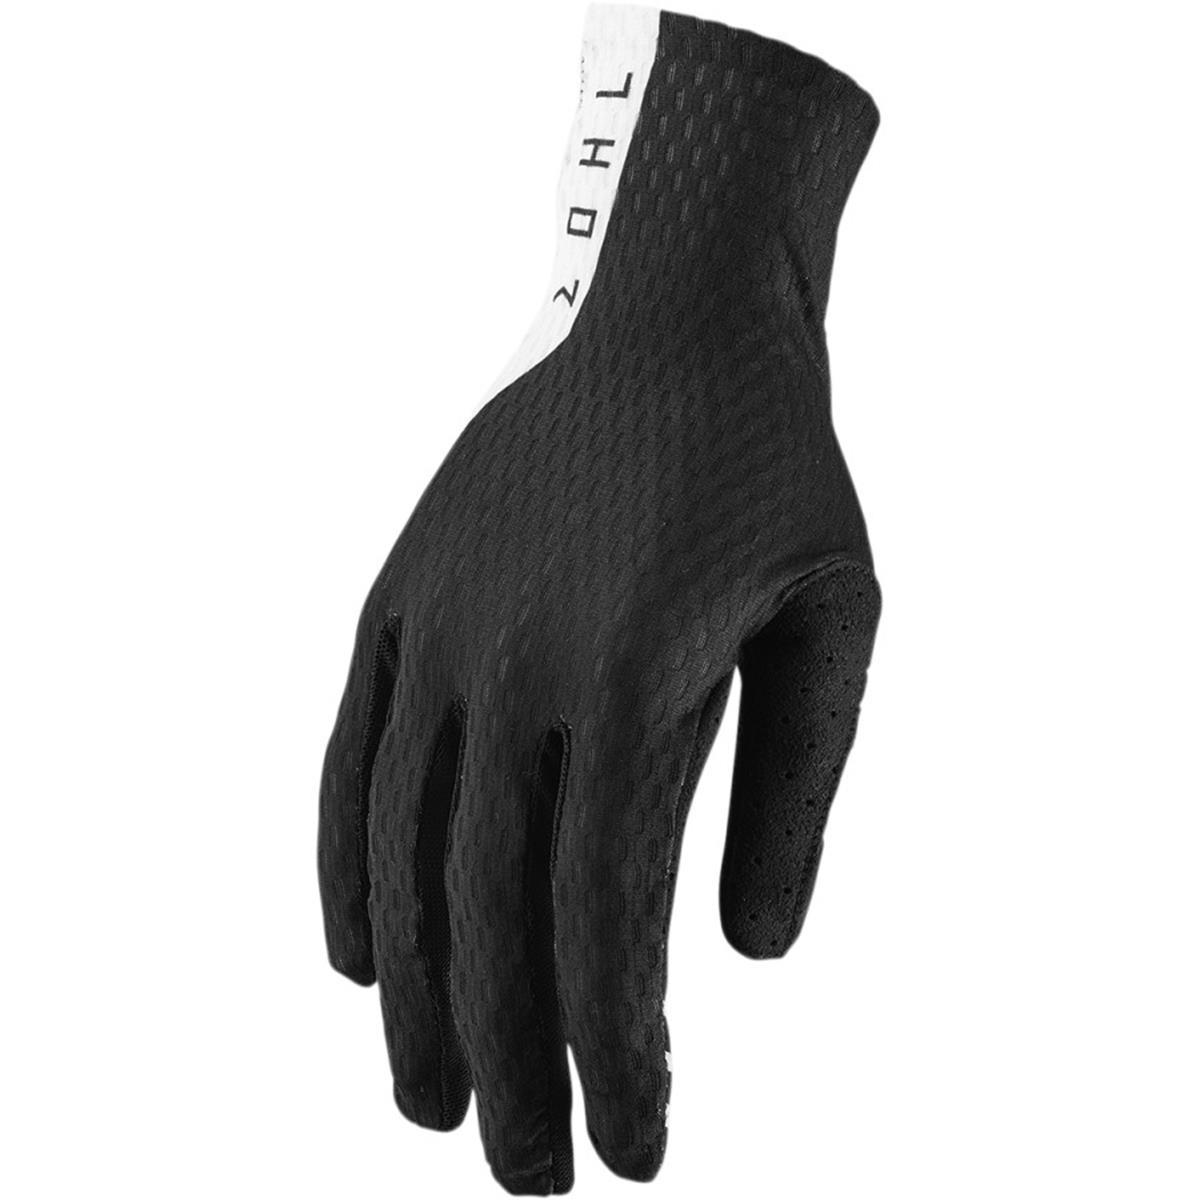 Thor Handschuhe Agile Schwarz/Weiß